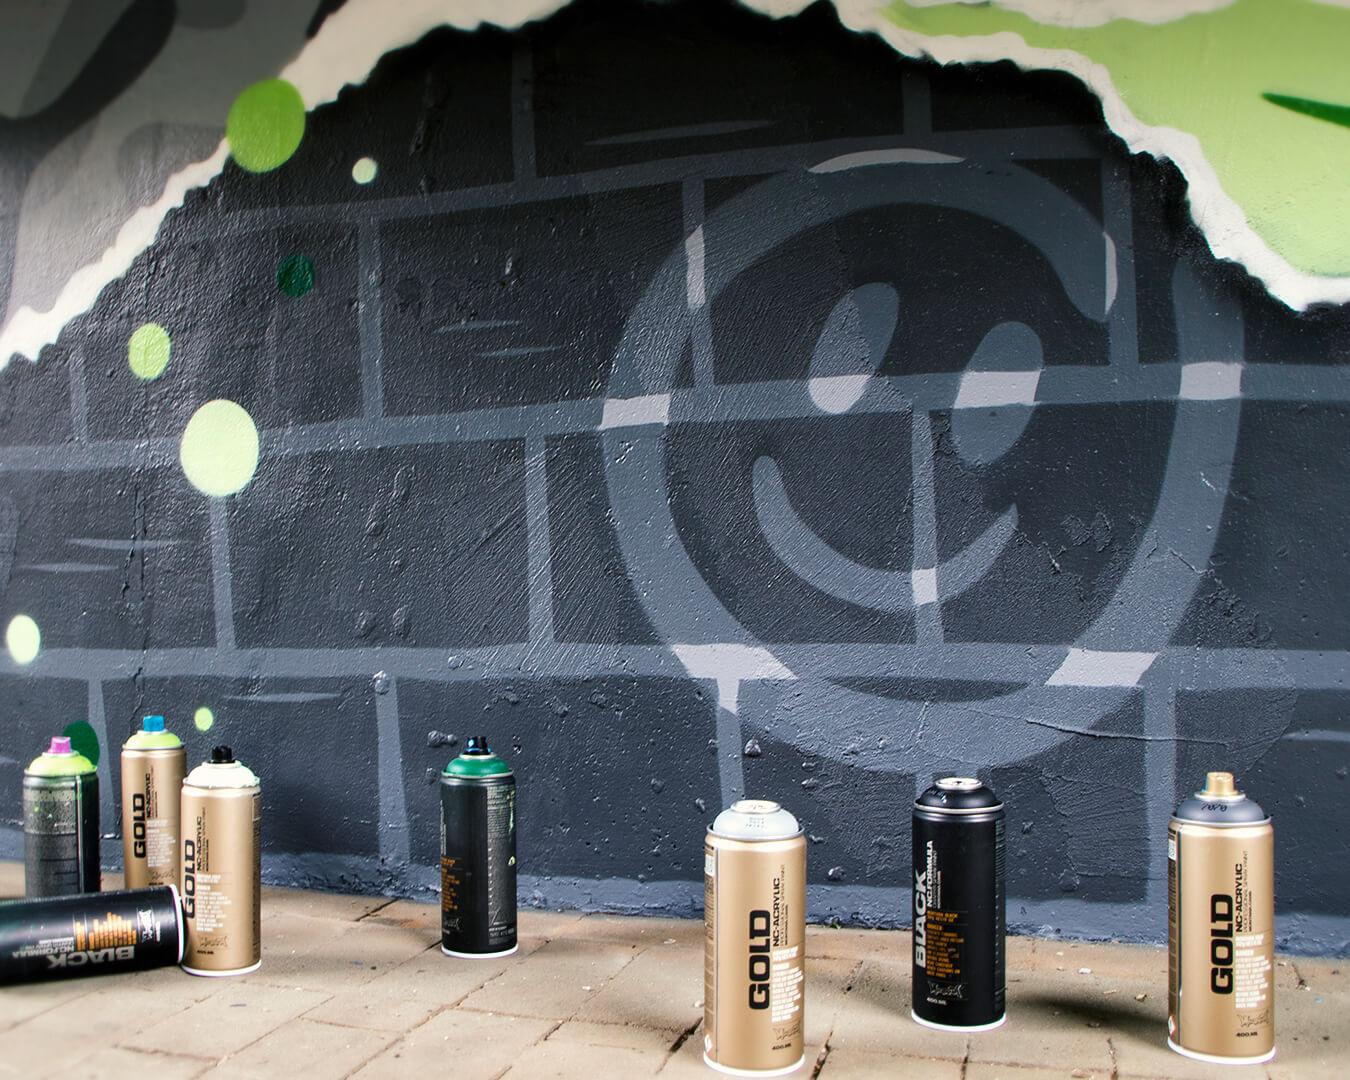 """Graffiti Hausdurchgang """"Stadt und Land"""" Berlin Hellersdorf grauer Smiley mit Sprühdosen"""